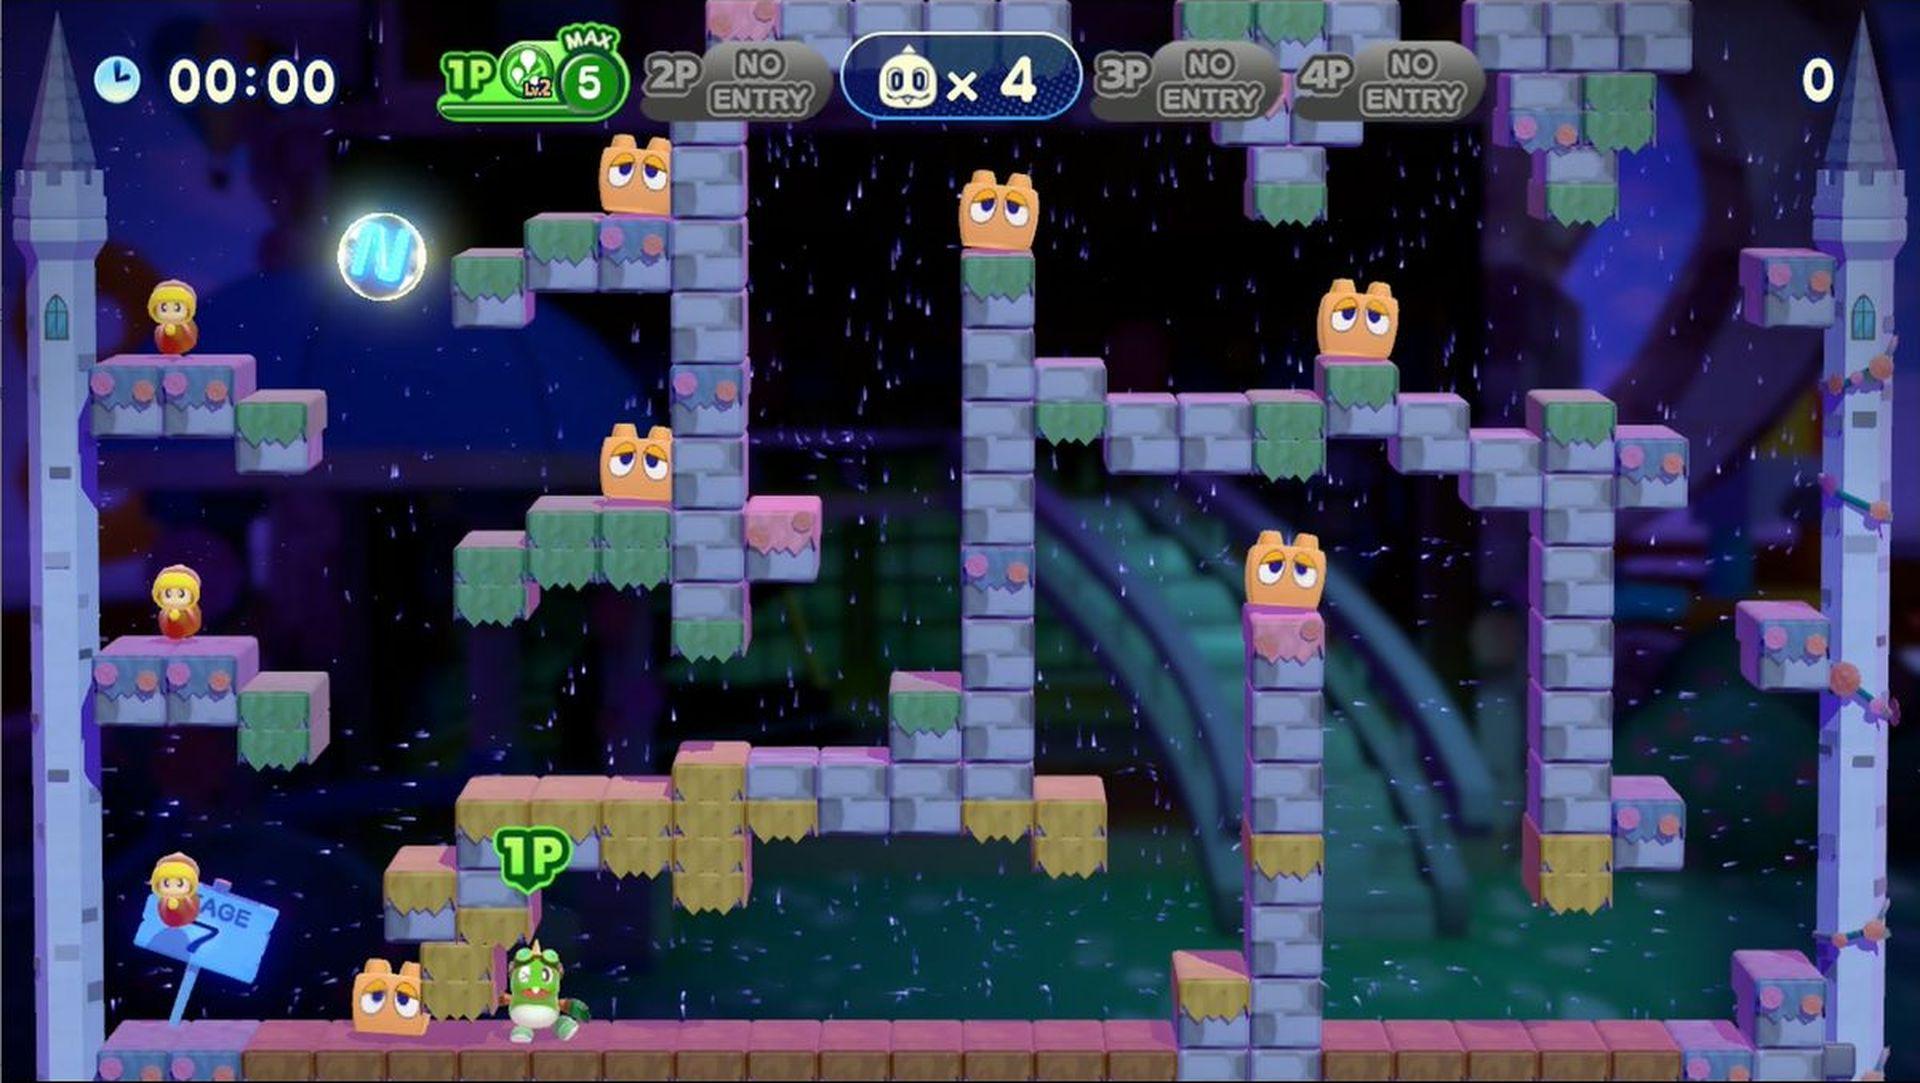 コンティニューすると、ゲームオーバーとなったステージから何度でも再開可能。ただし、一度倒した敵も復活してしまう